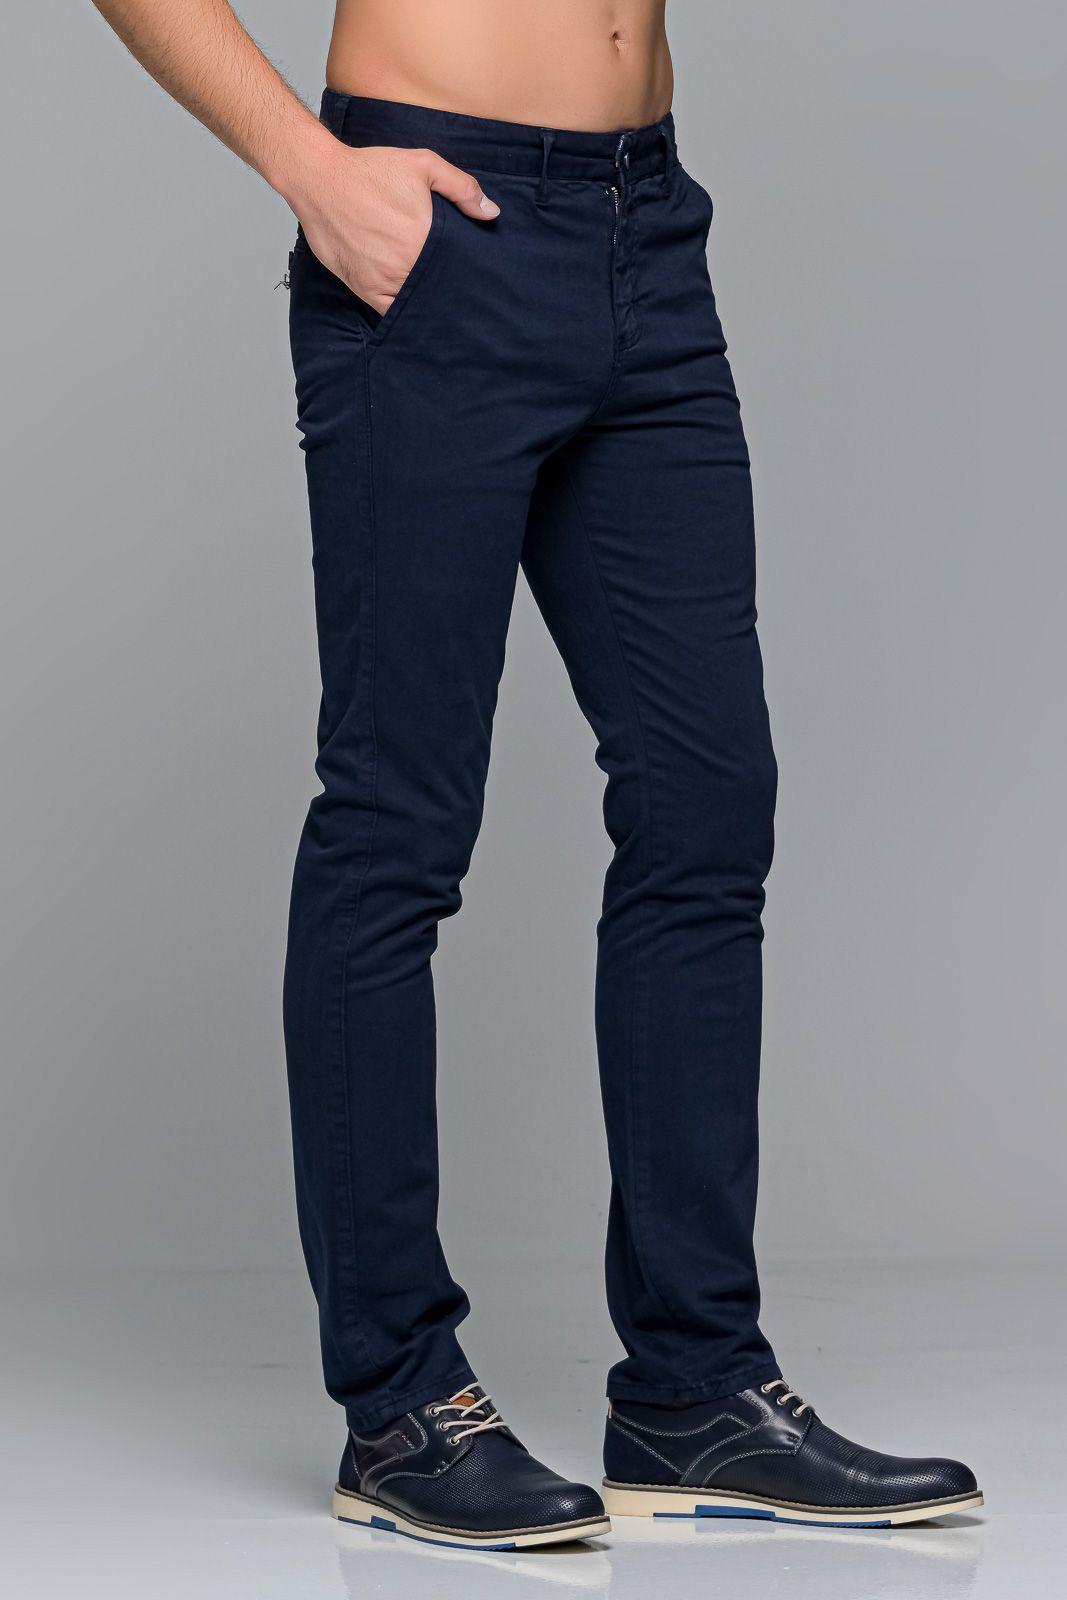 Μπλε ανδρικό παντελόνι chino υφασμάτινο MASSARO - Slim fit